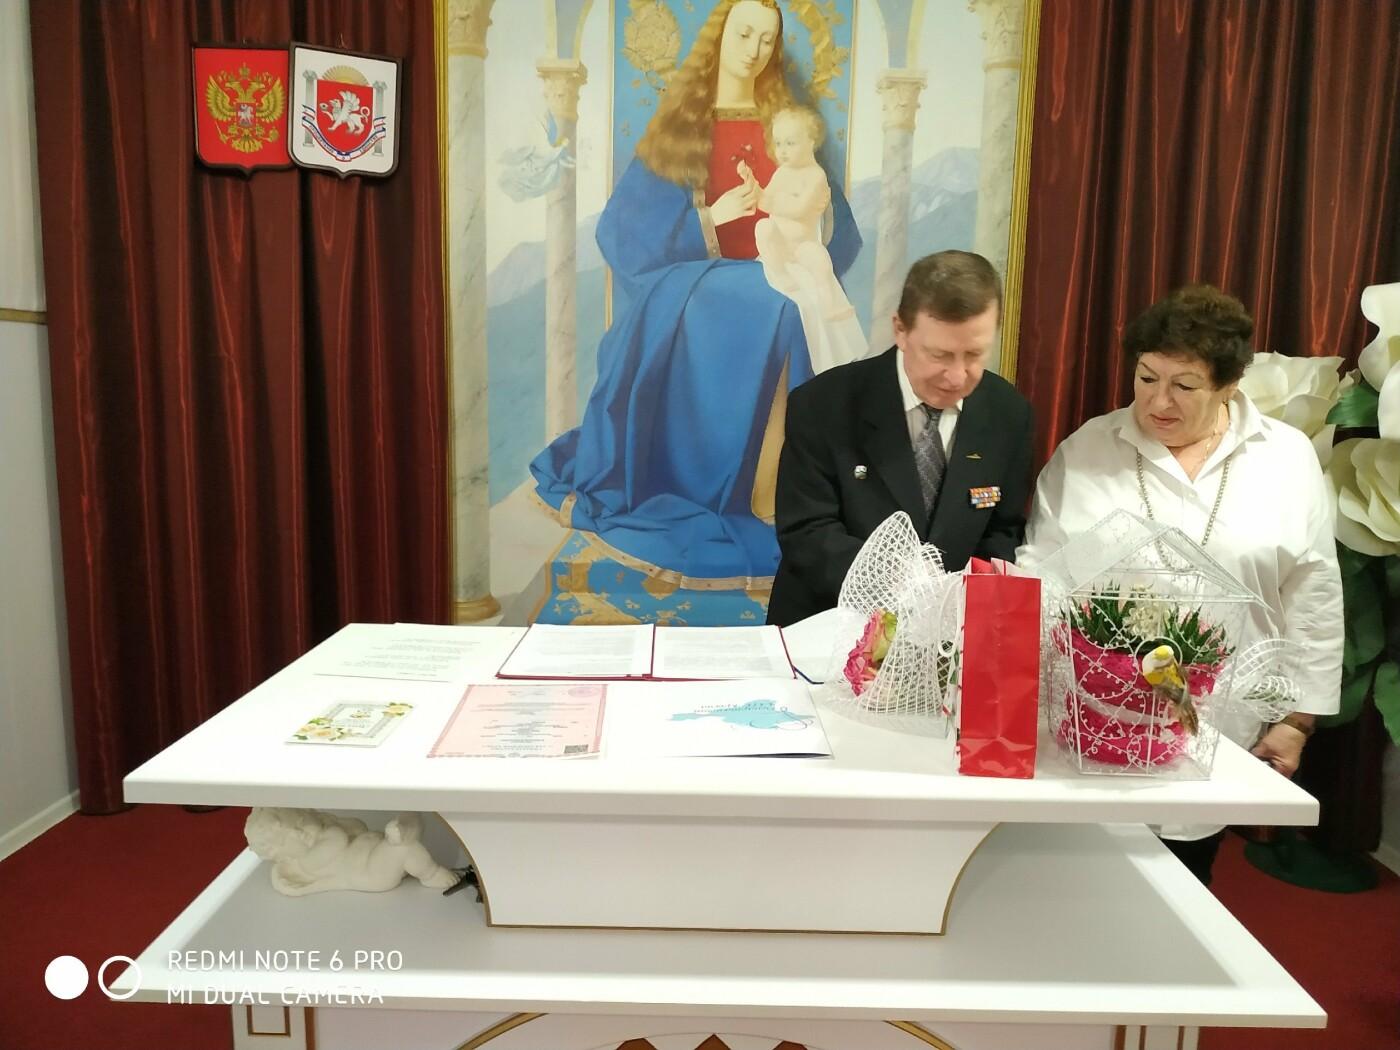 Ялтинская пара - Супруги Афанасьевы - отметили серебряный юбилей  , фото-3